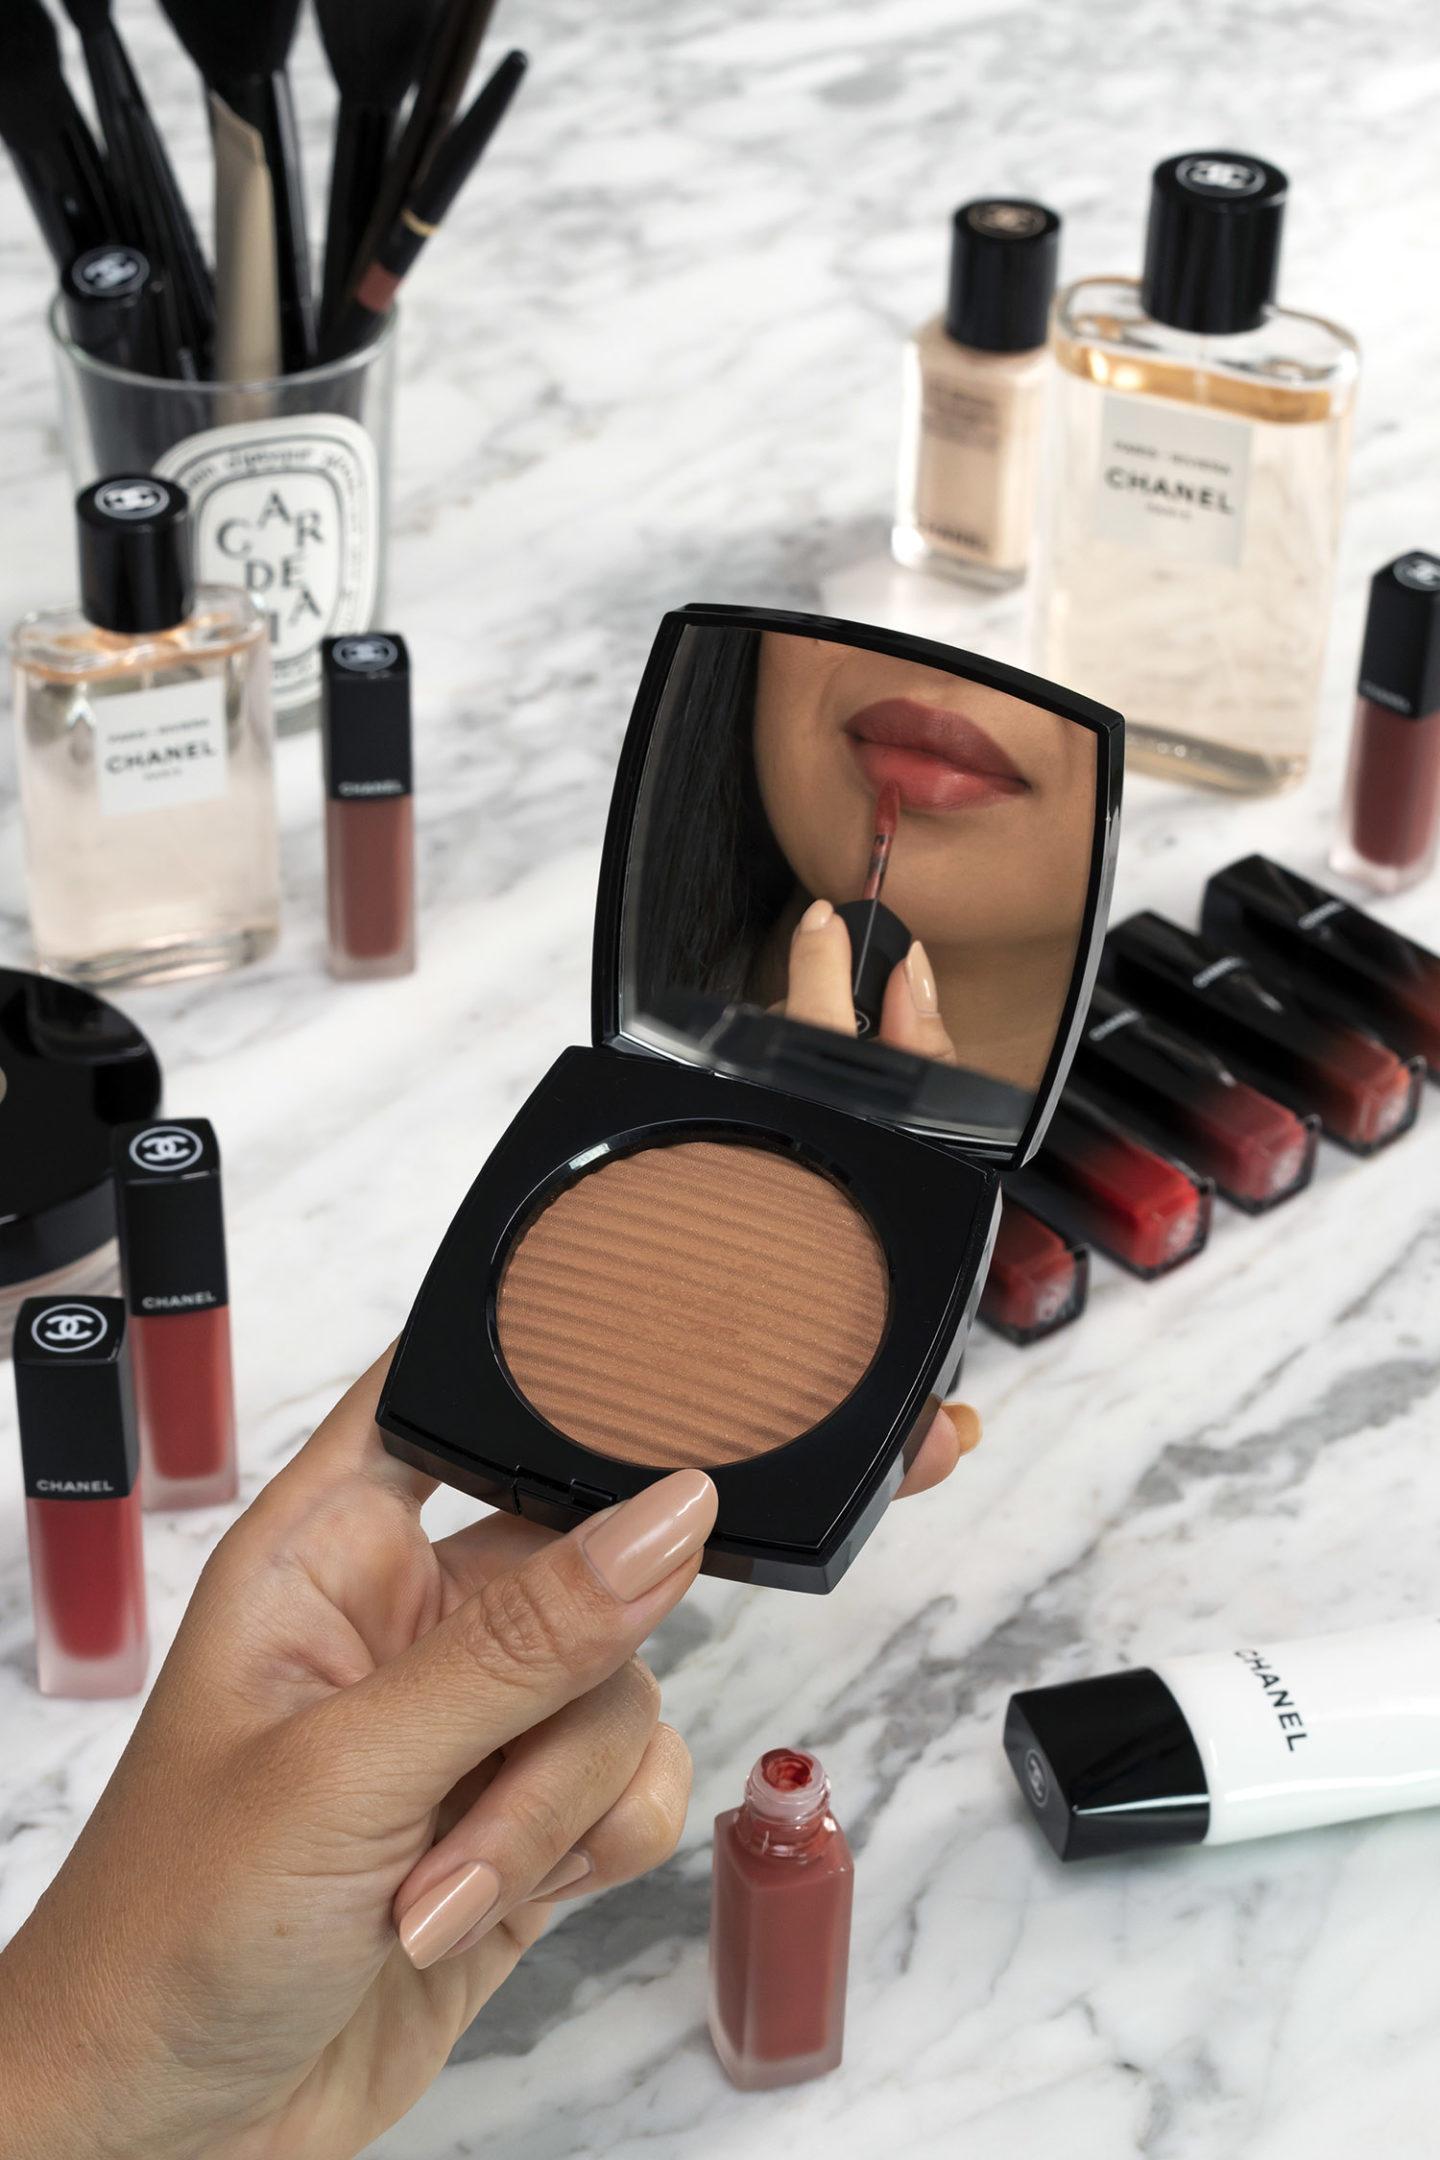 Nouvelles teintes Chanel Rouge Allure Laque et Ink Fusion